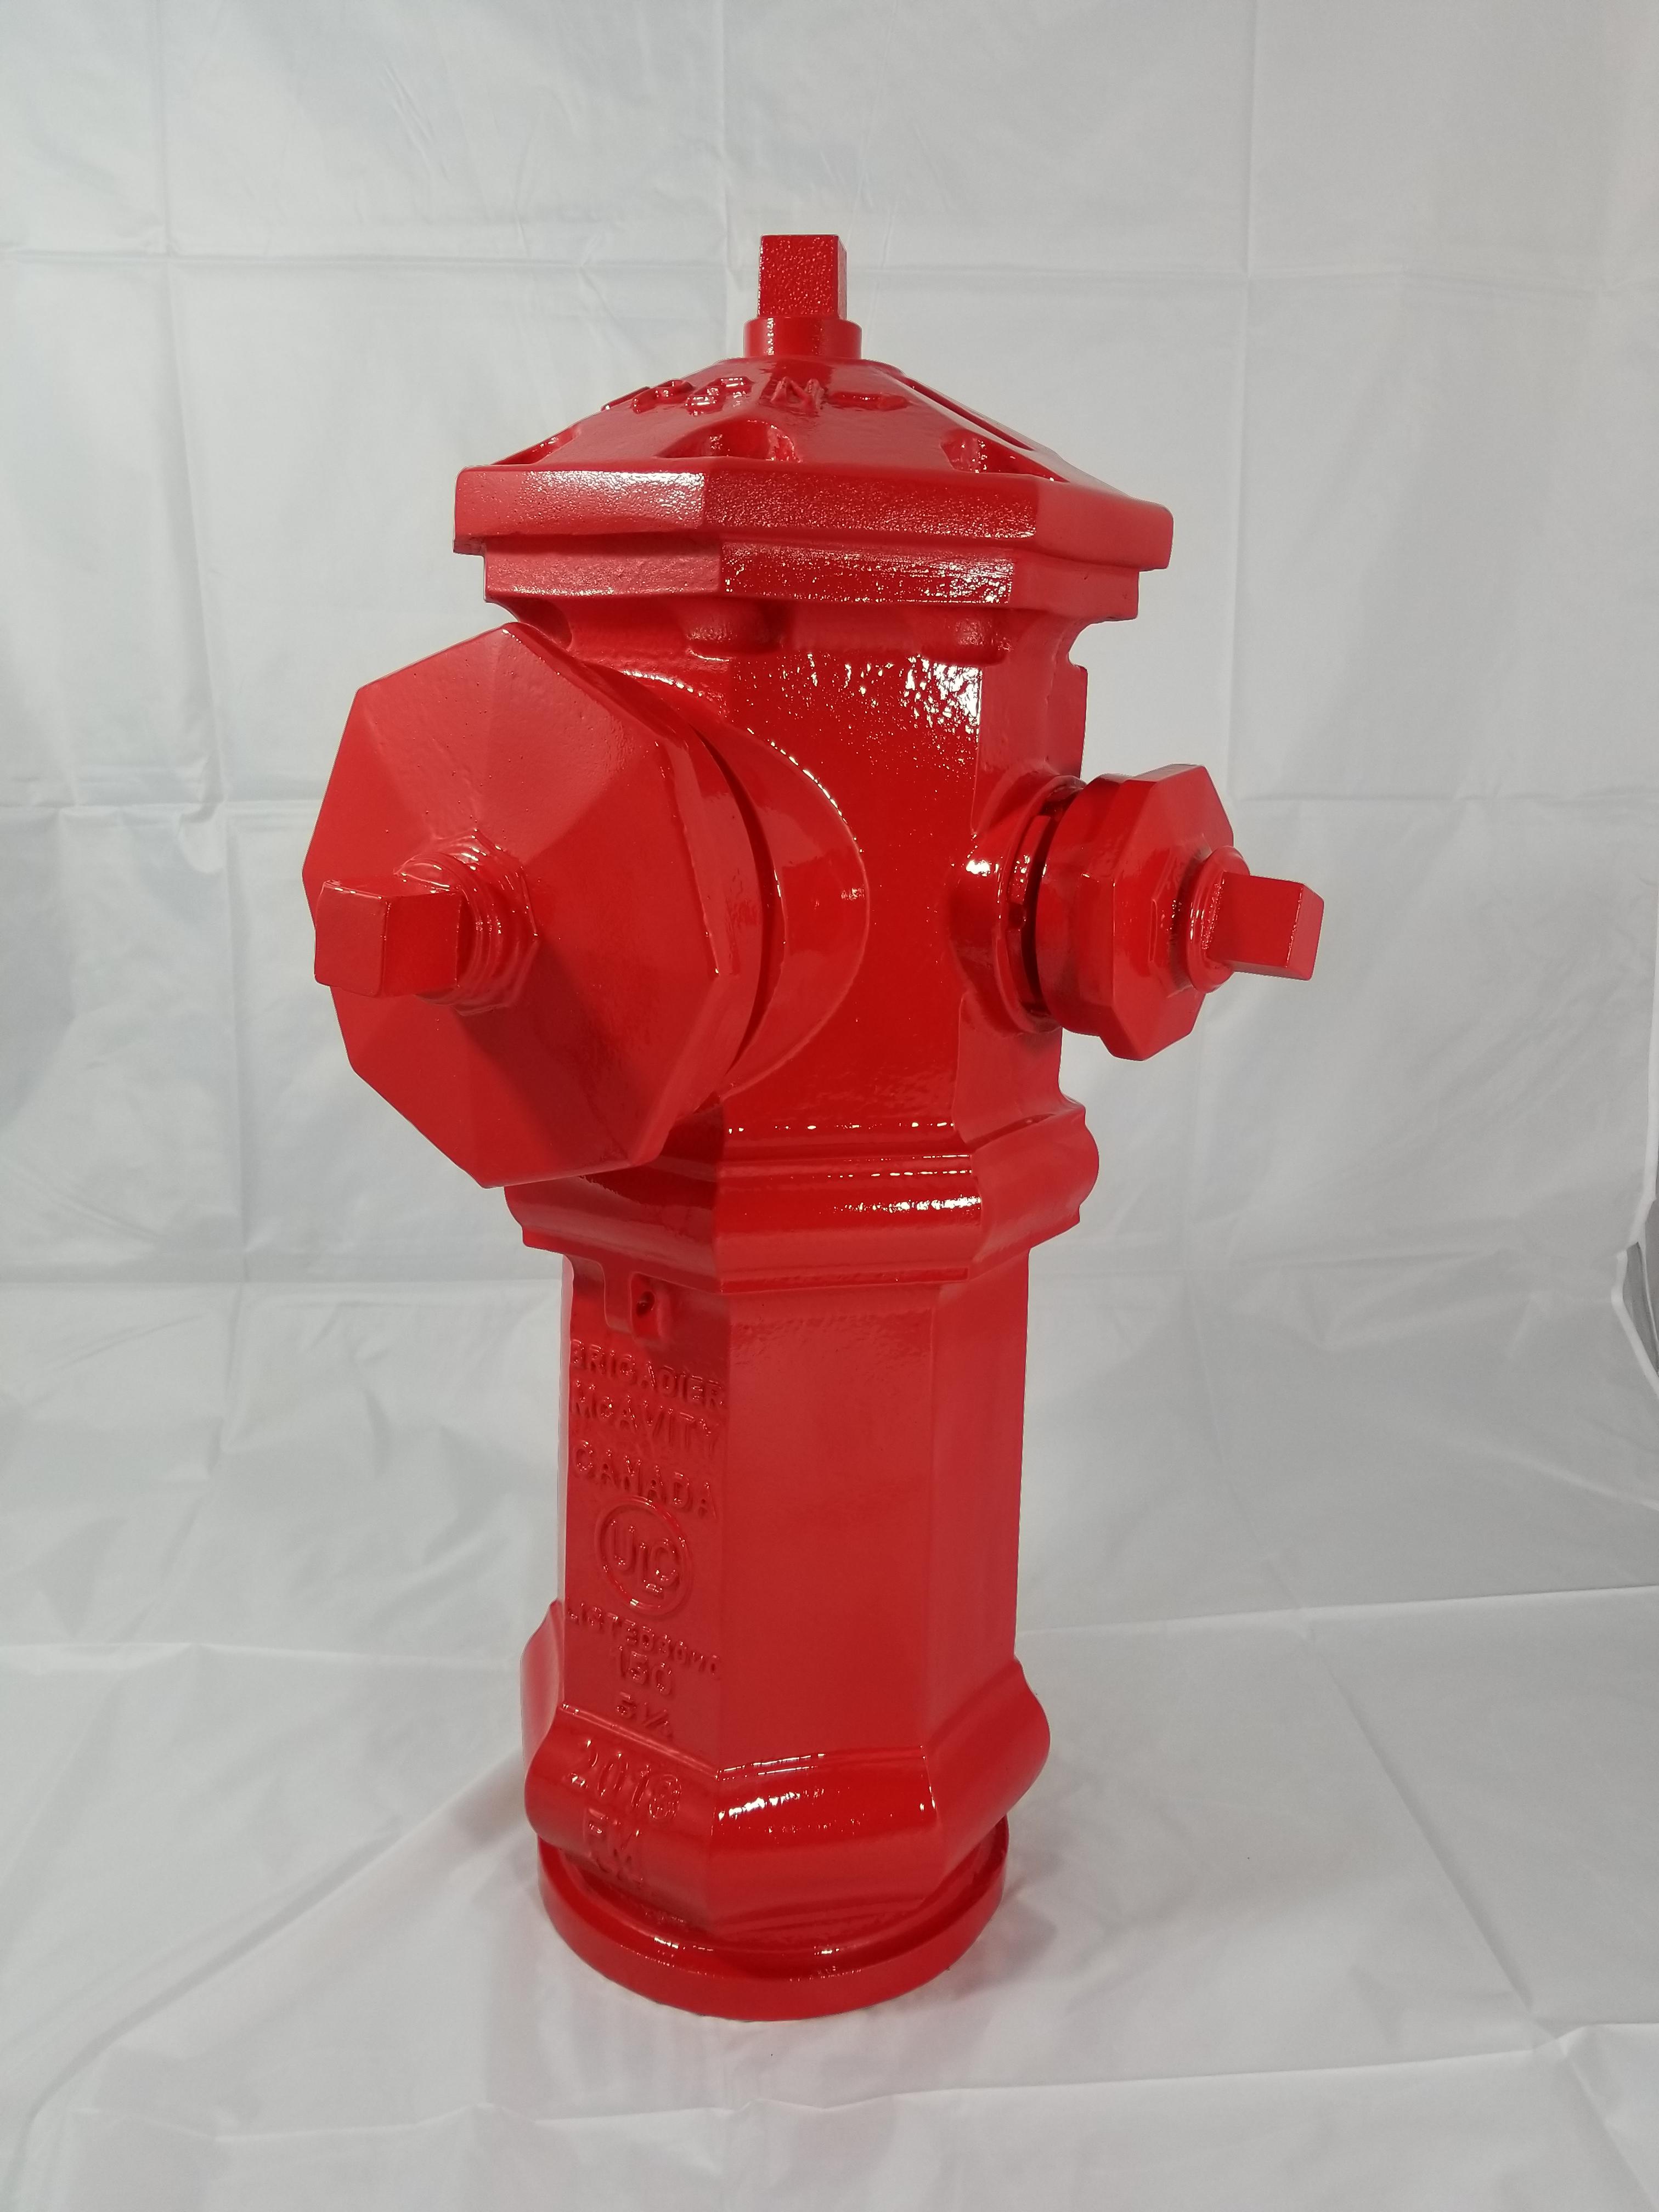 Replica Clow Canada 150 Fire Hydrant - Icon Poly